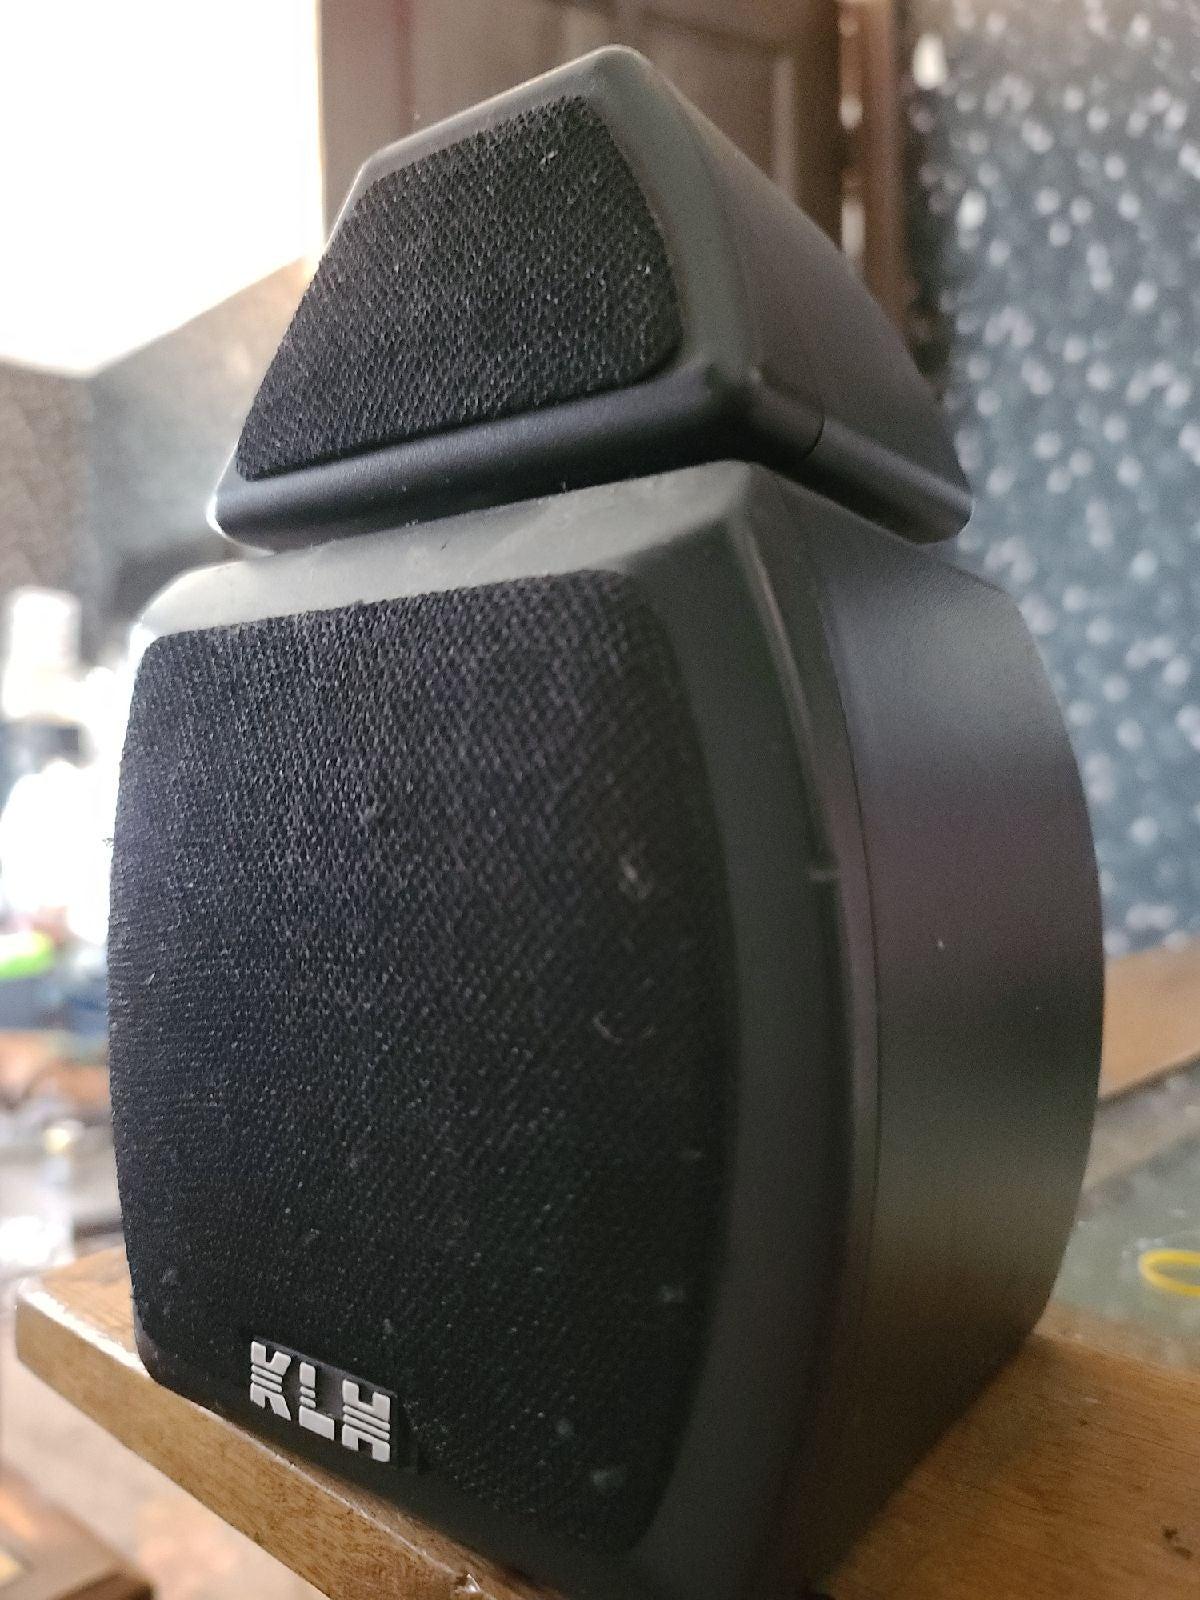 Klh model 28